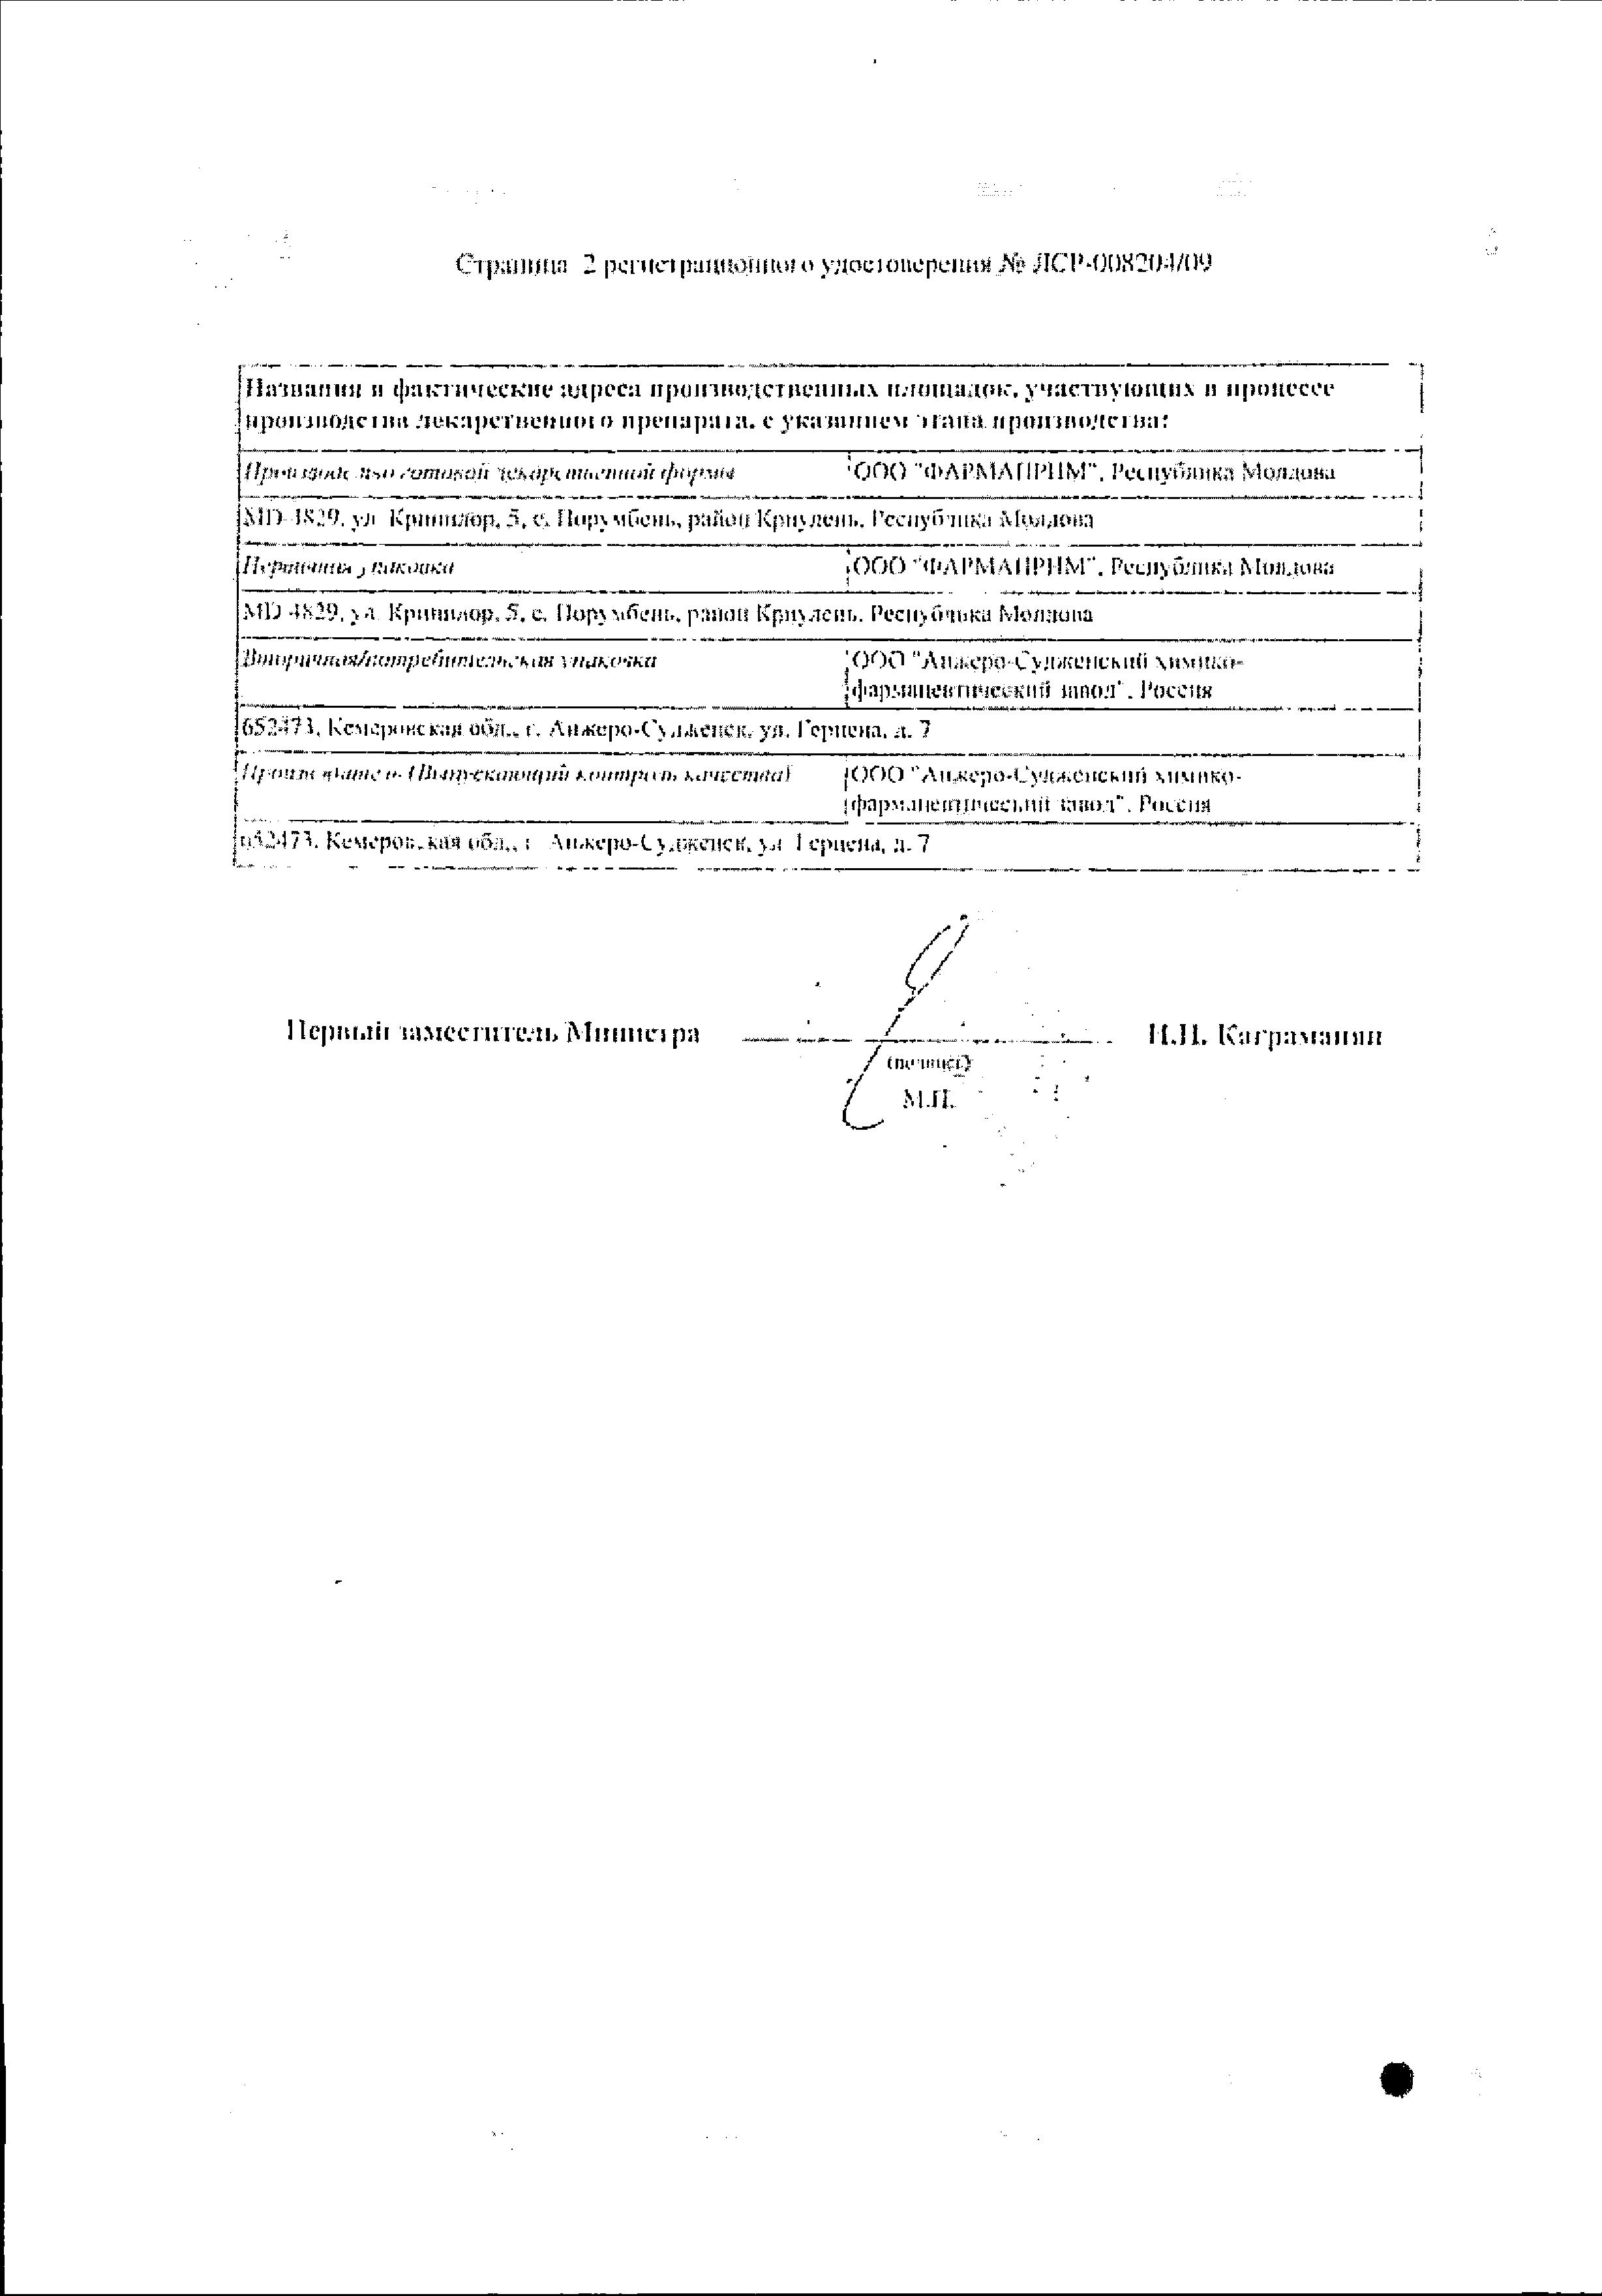 Метронидазол (свечи) сертификат